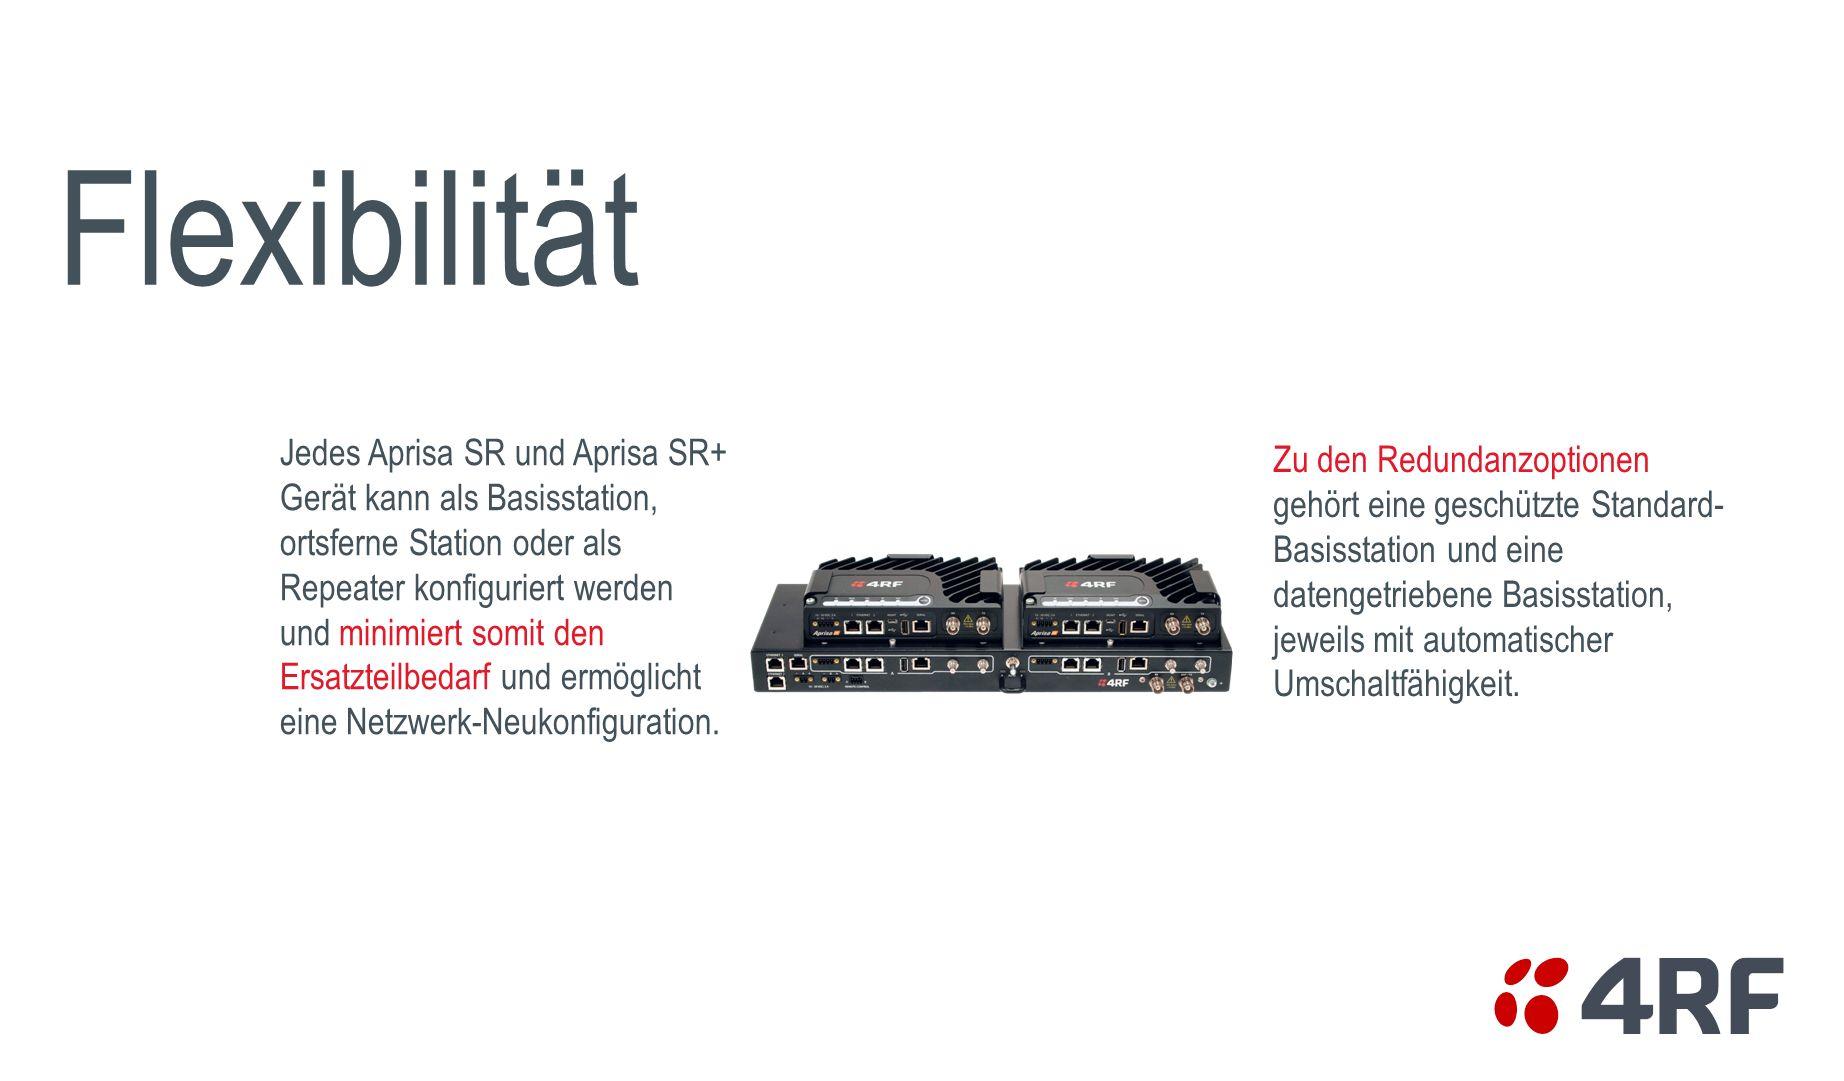 Jedes Aprisa SR und Aprisa SR+ Gerät kann als Basisstation, ortsferne Station oder als Repeater konfiguriert werden und minimiert somit den Ersatzteil